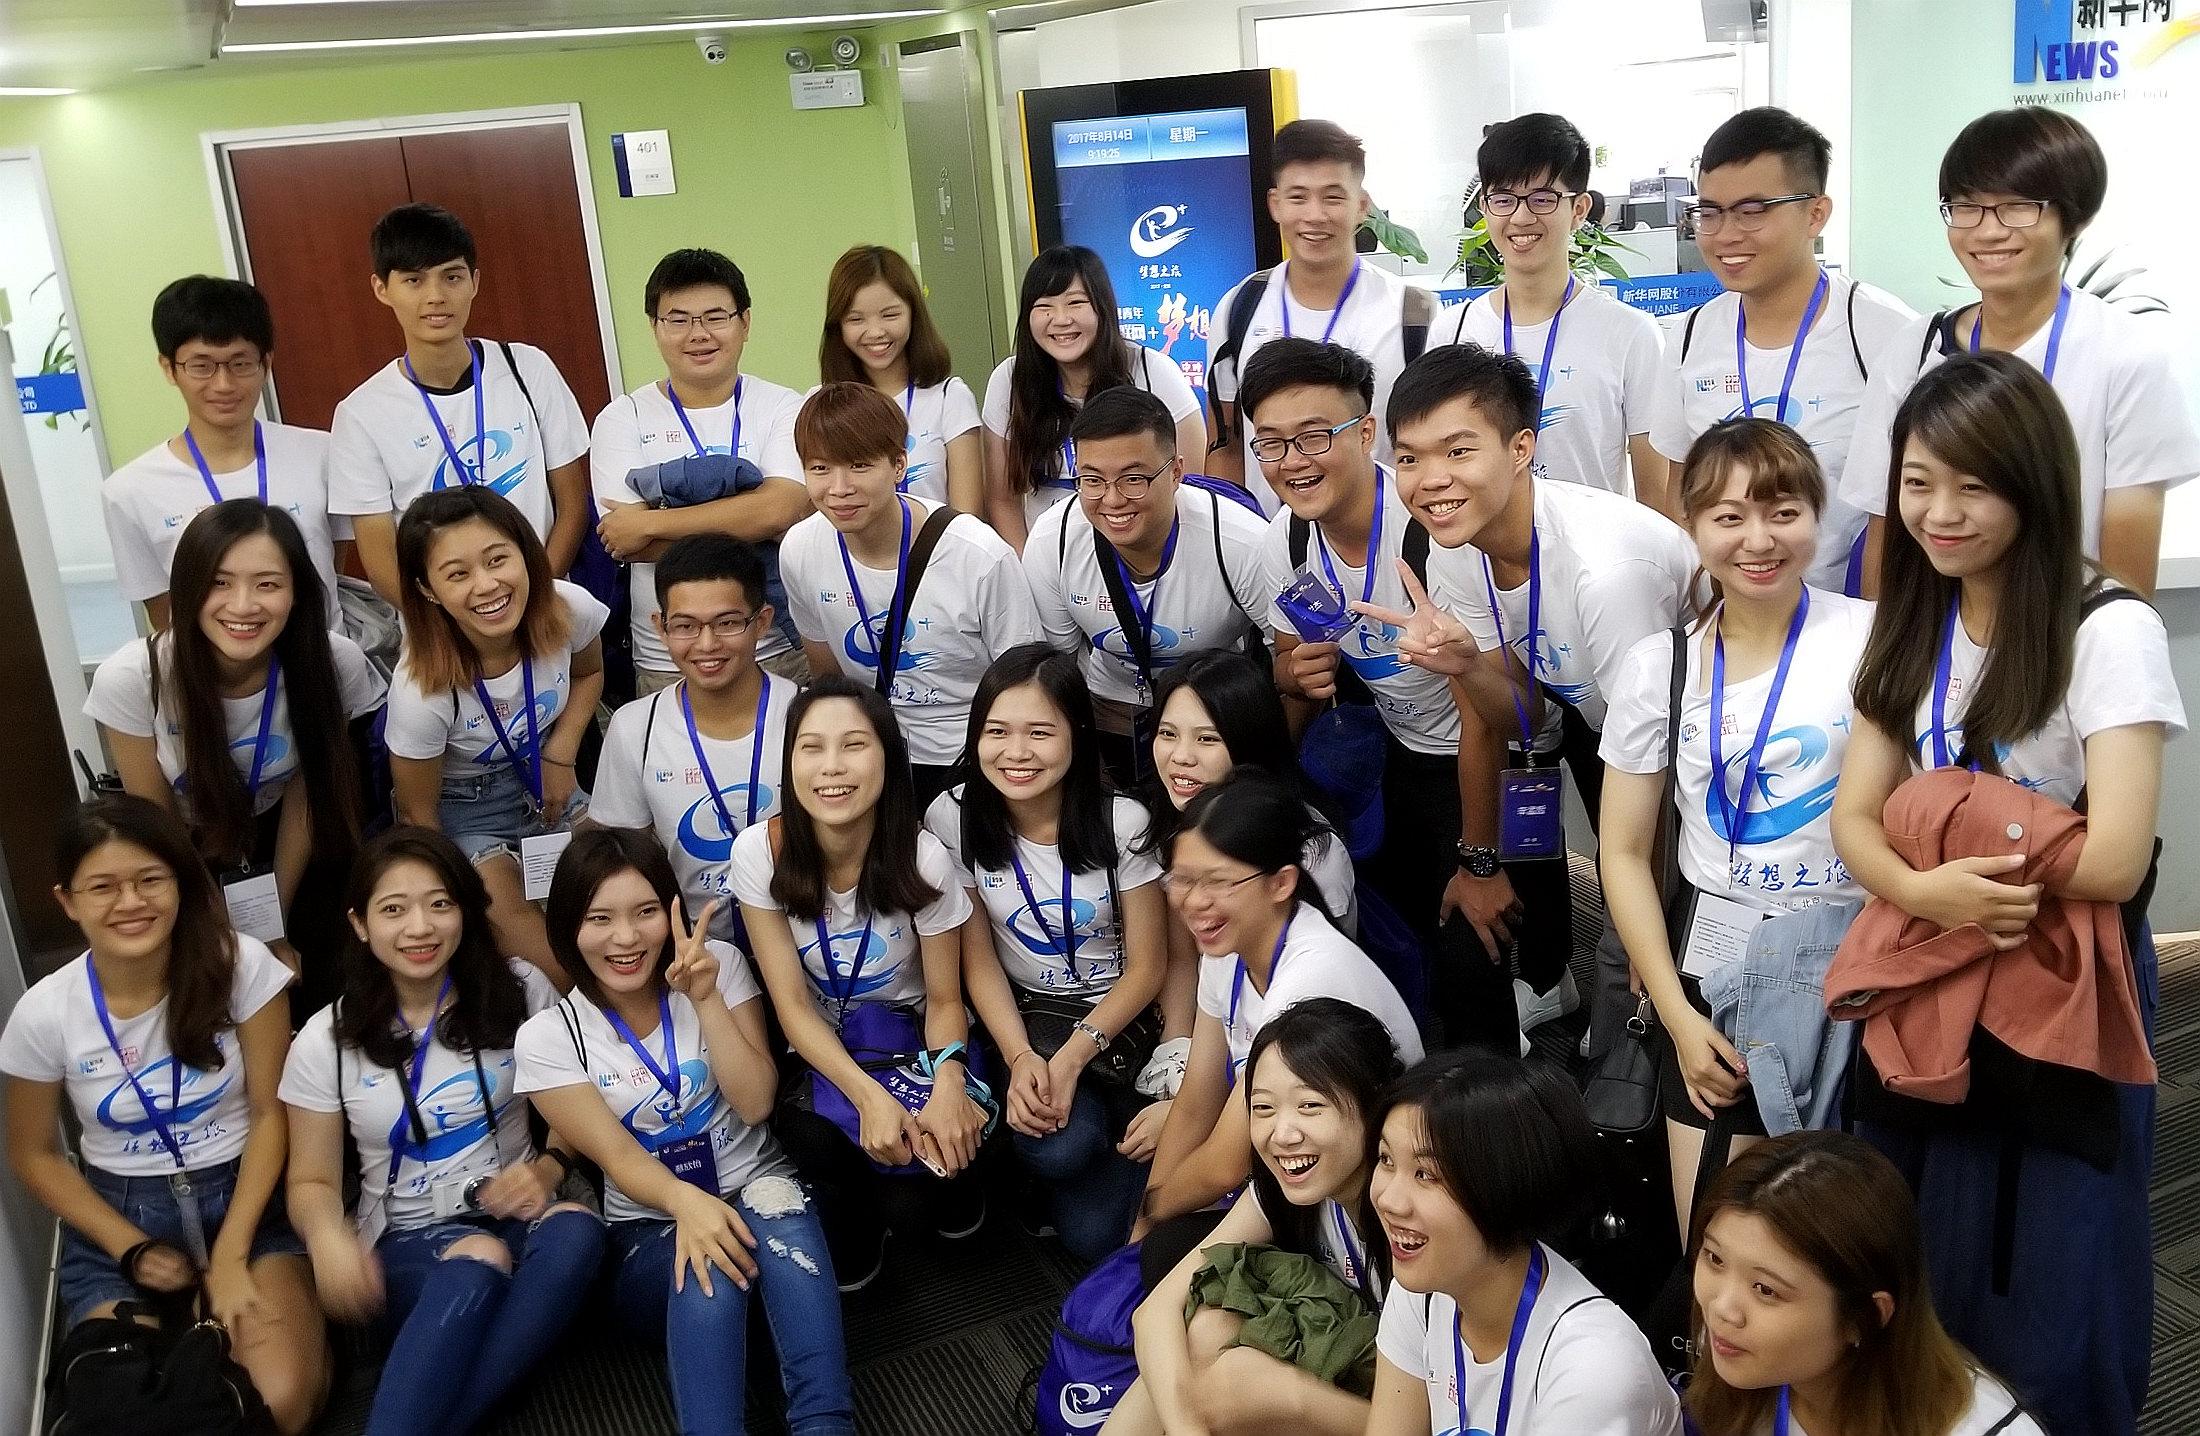 台湾学生到访新华网